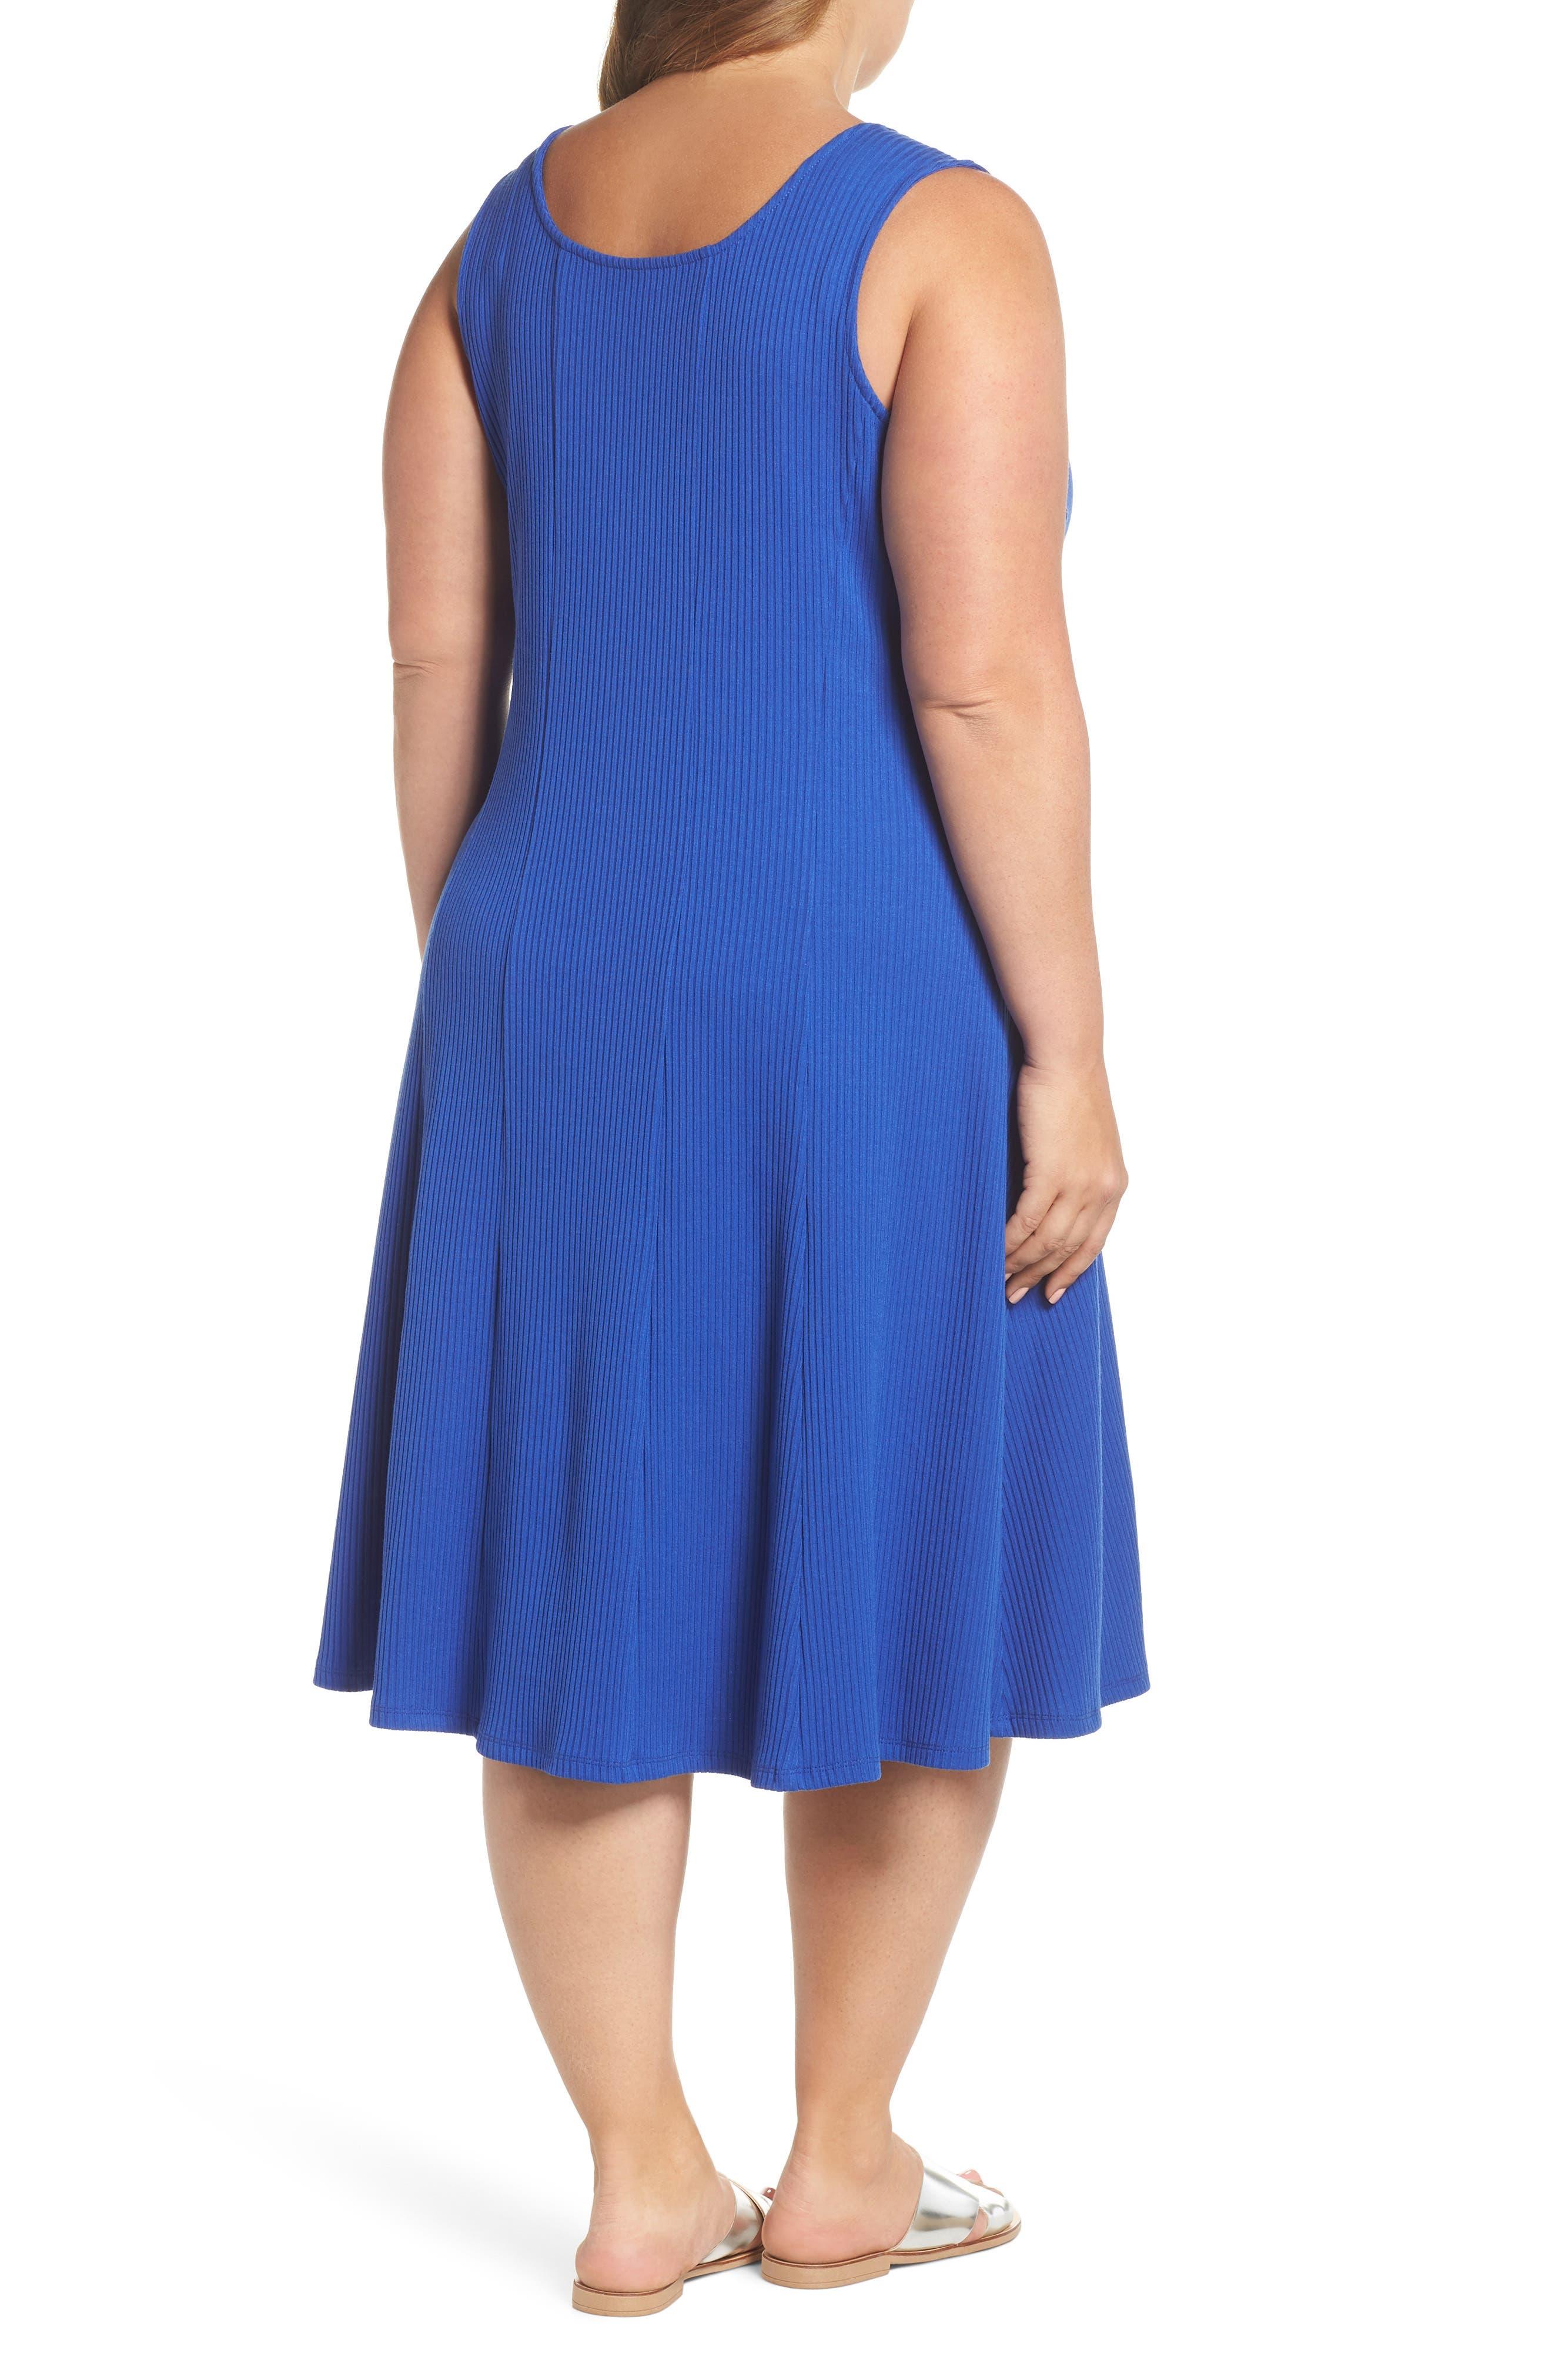 Rib Tank Dress,                             Alternate thumbnail 2, color,                             424